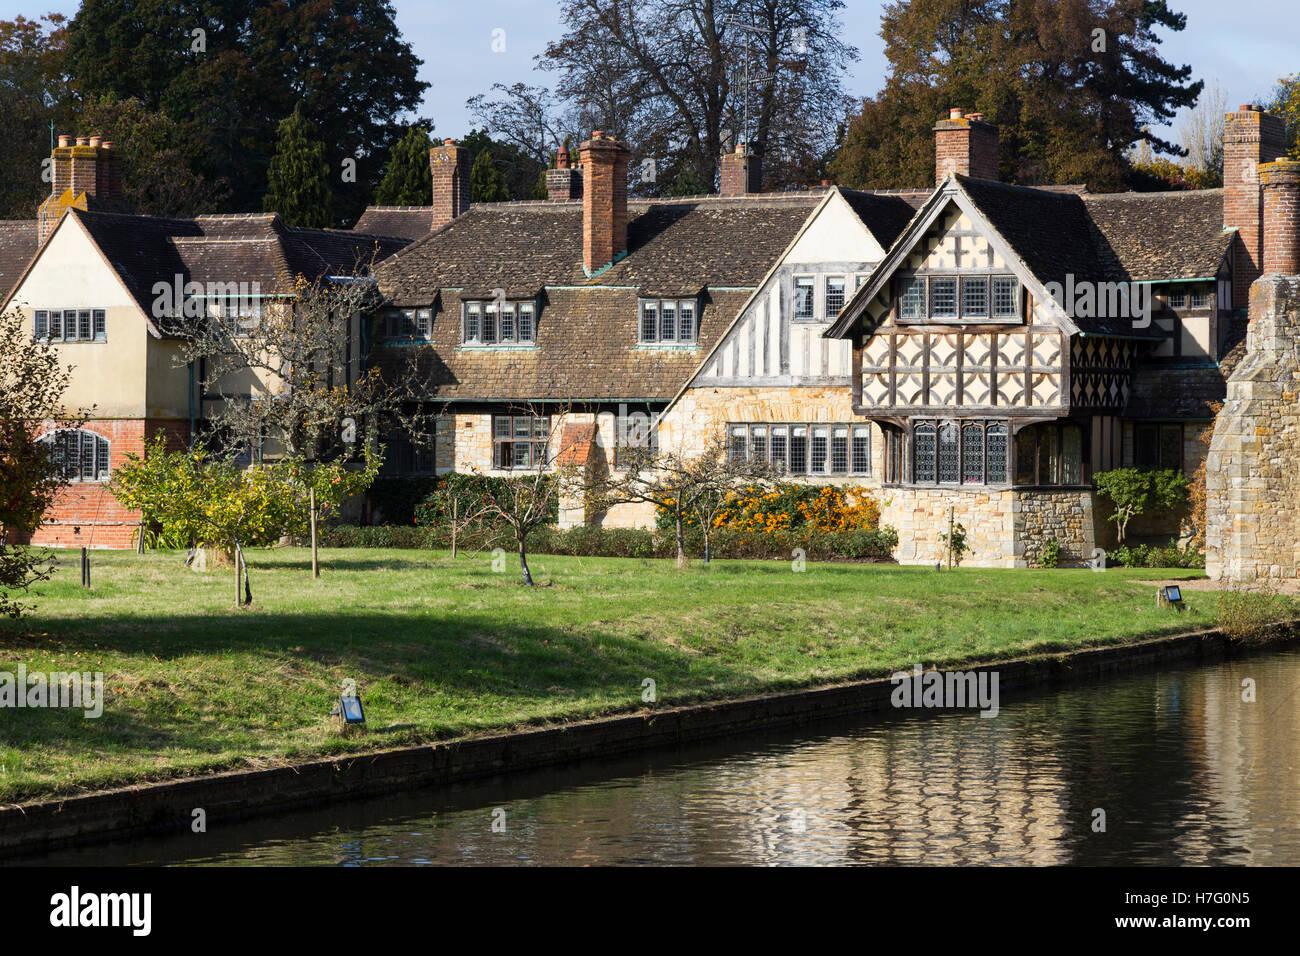 Wohntrakt für Urlaub / Bed & Breakfast Gäste bei Hever Castle in Kent (erhältlich im Astor Stockbild